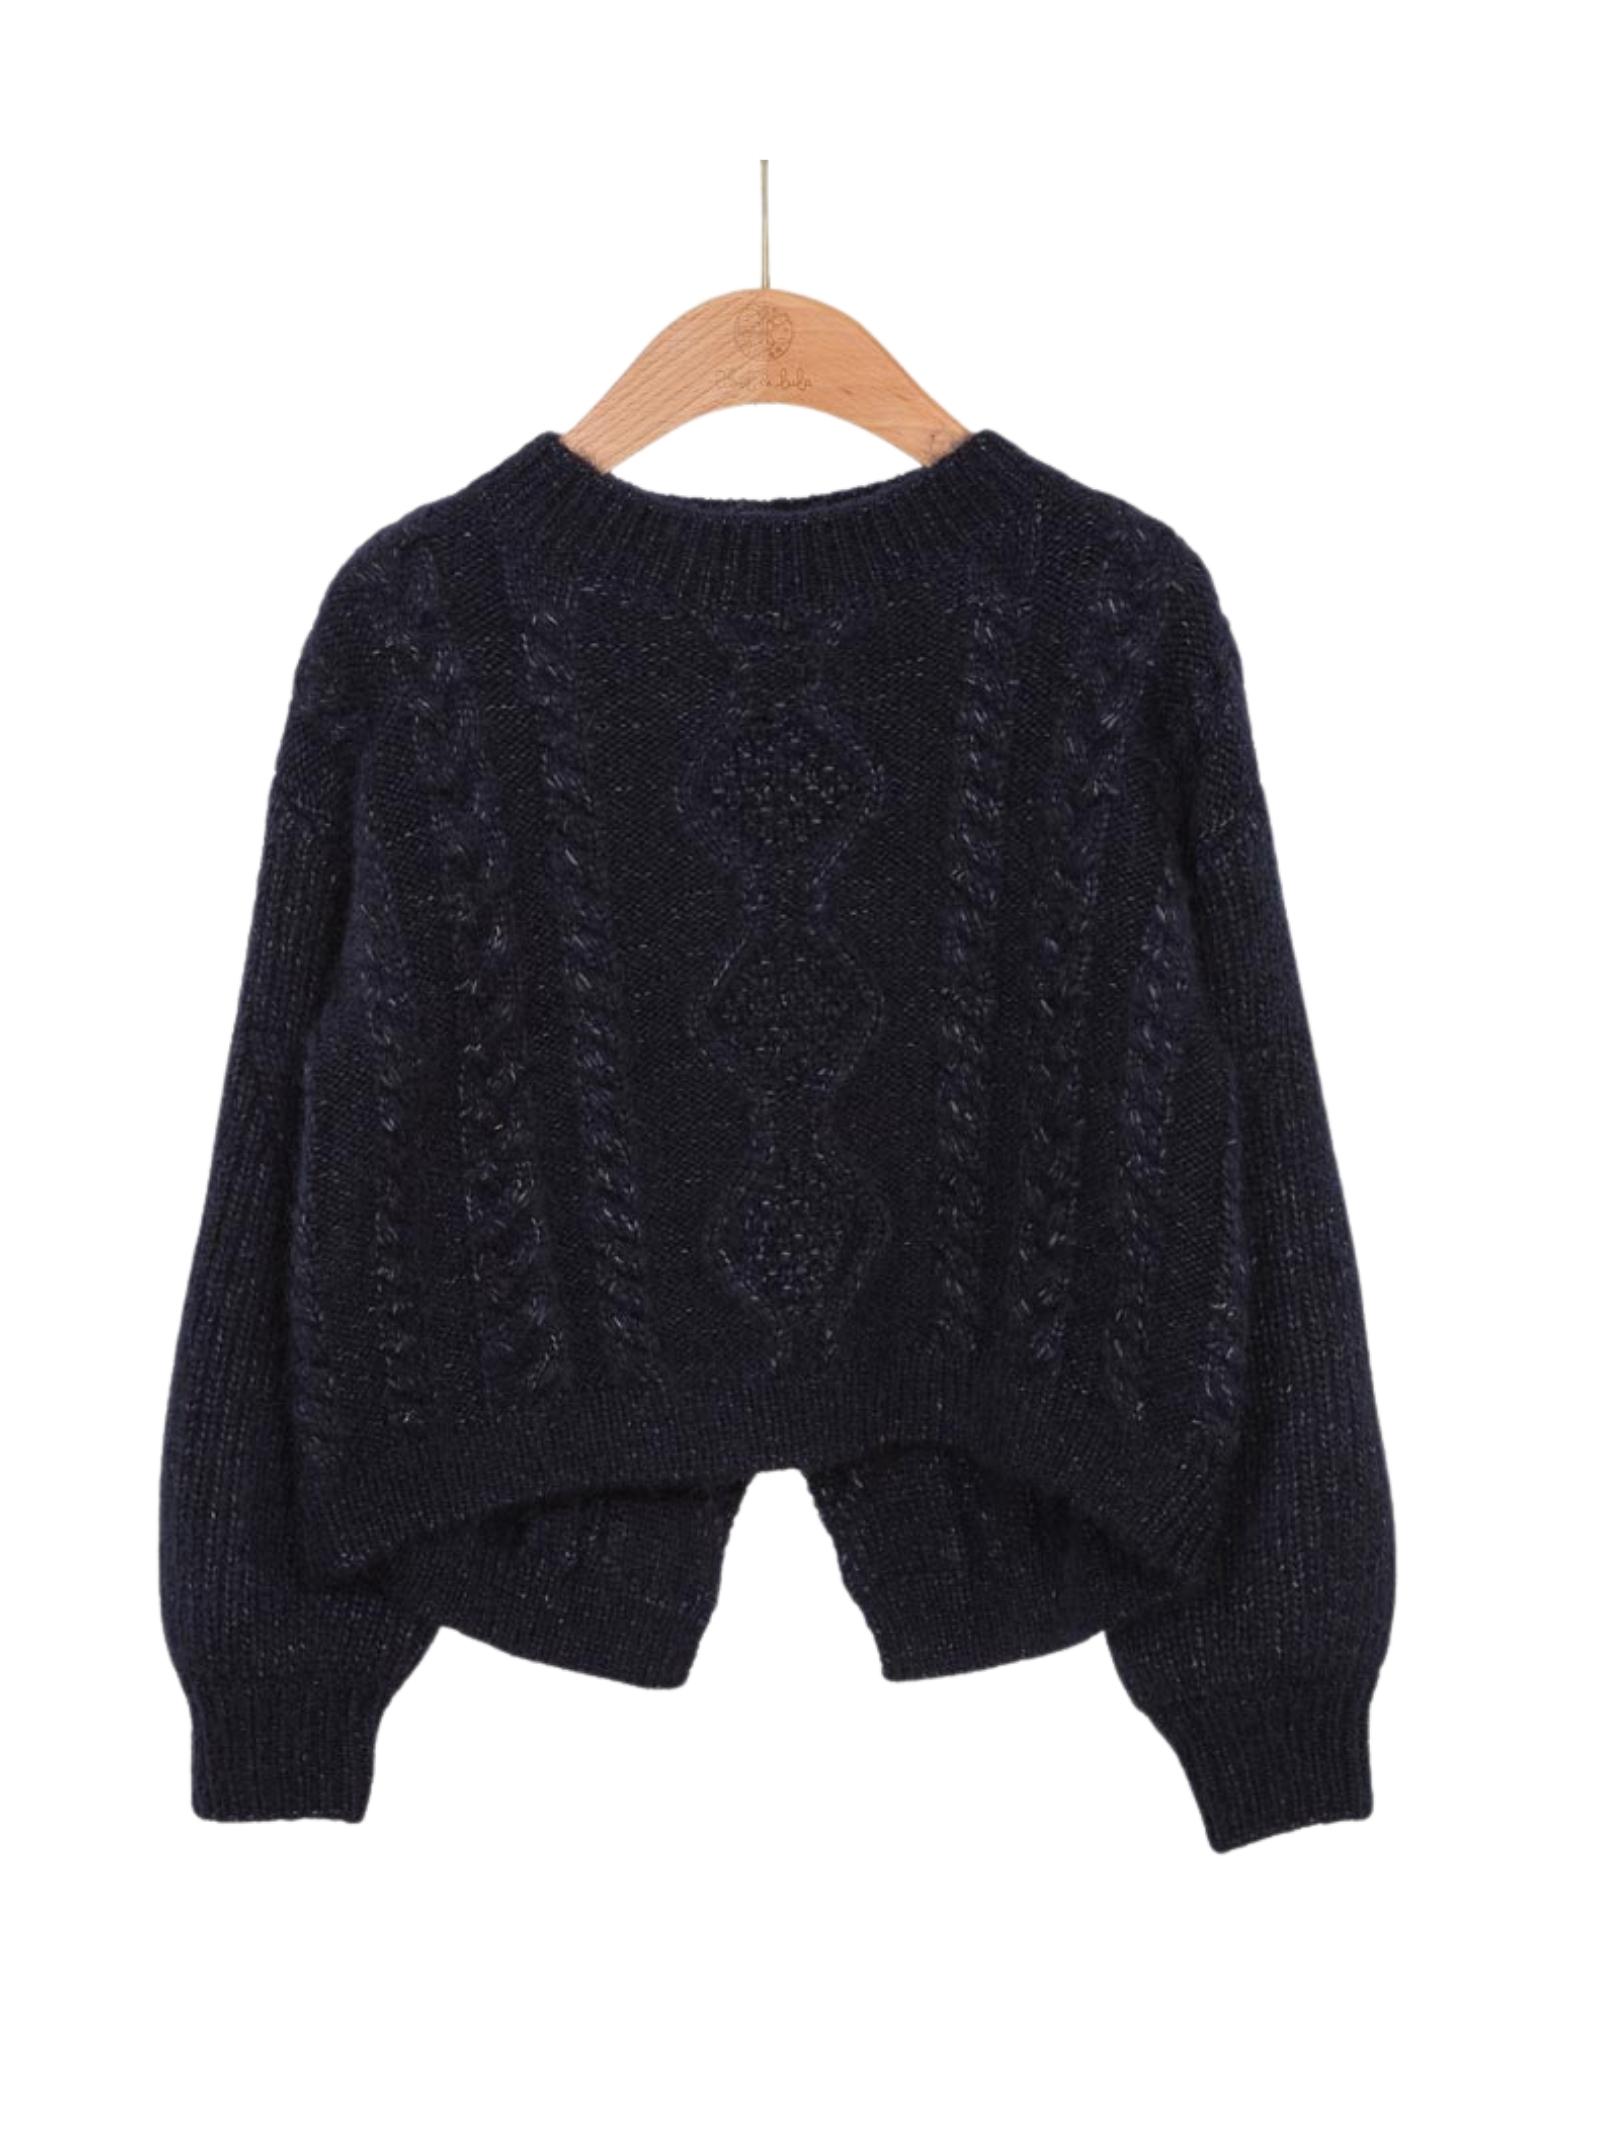 Jersey Jacquard Sweater ABEL&LULA | Sweaters | 5836044